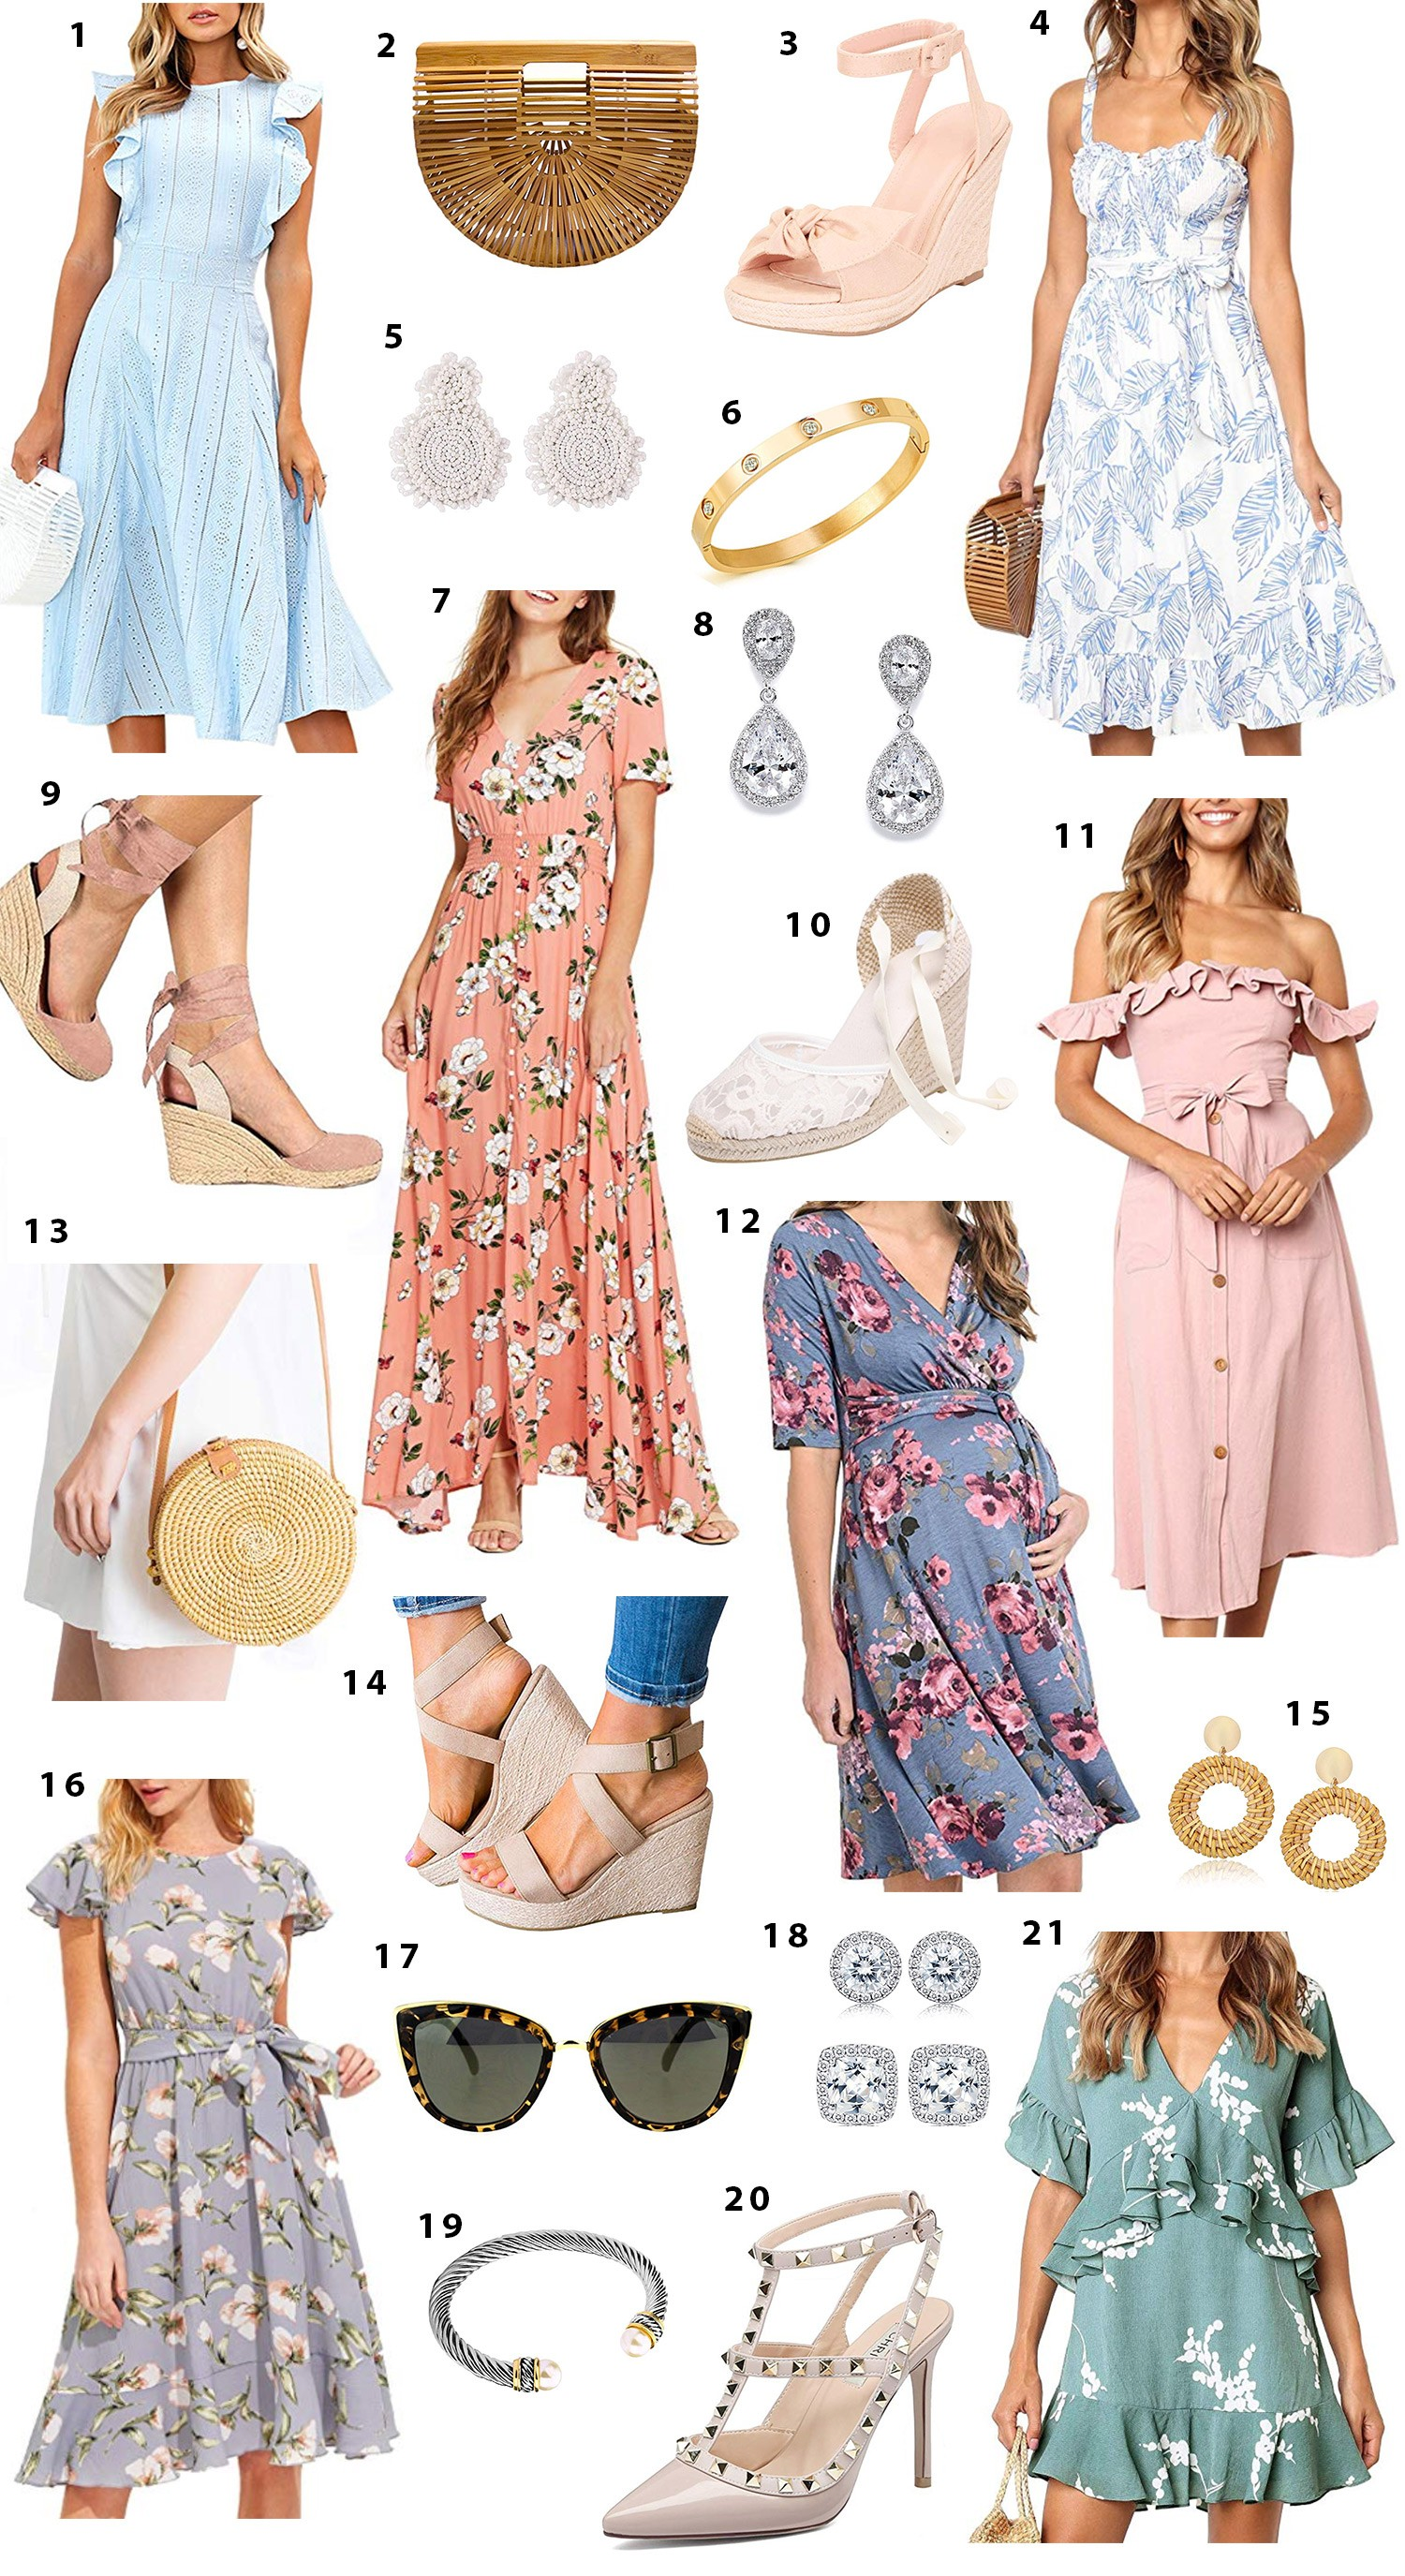 32d7c718fe801 Feminine Spring Amazon Fashion Finds Under  50. 1. Ruffled Sleeve Sleeveless  Dress ...